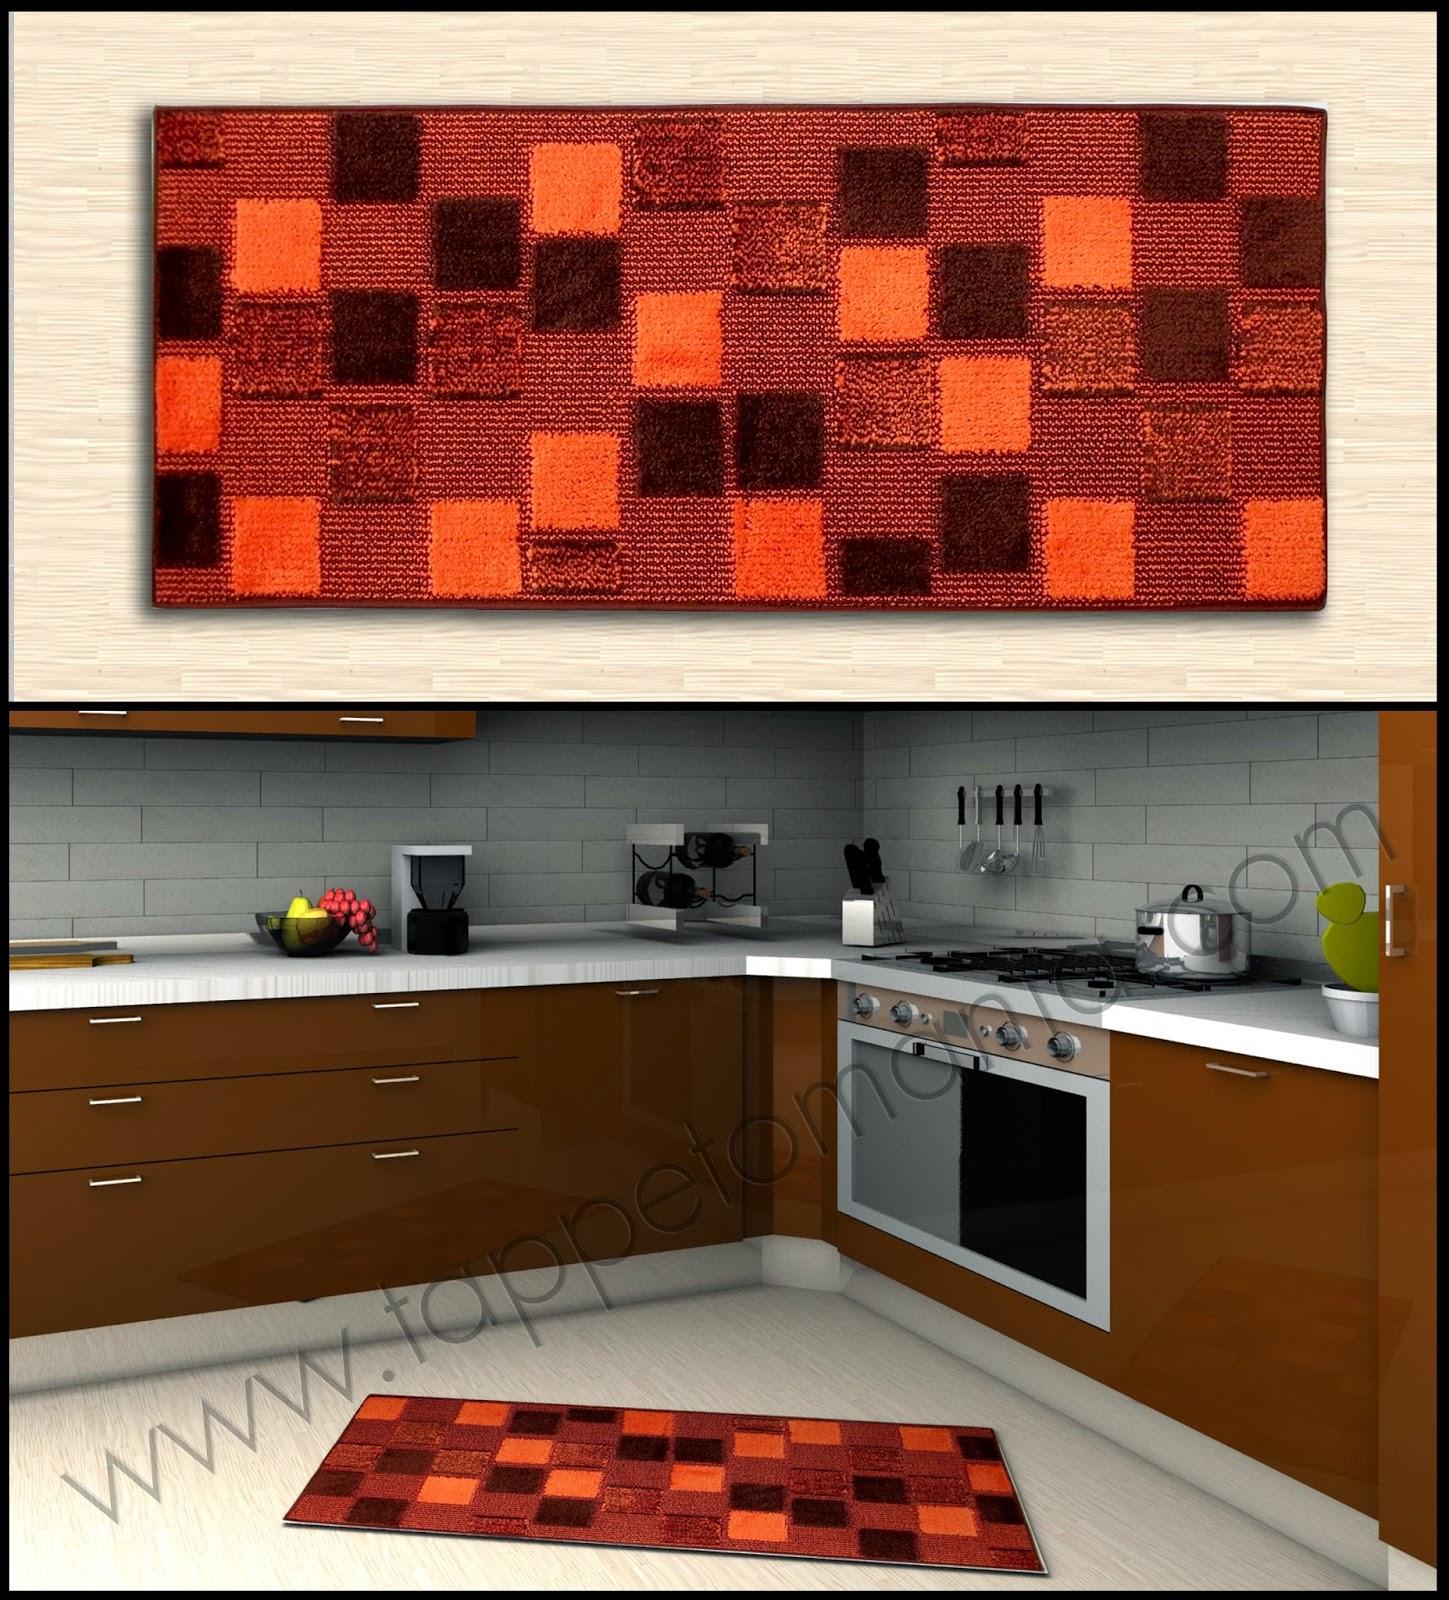 Occasione e offerte sui tappeti cucina | TAPPETOMANIA,TAPPETI ...